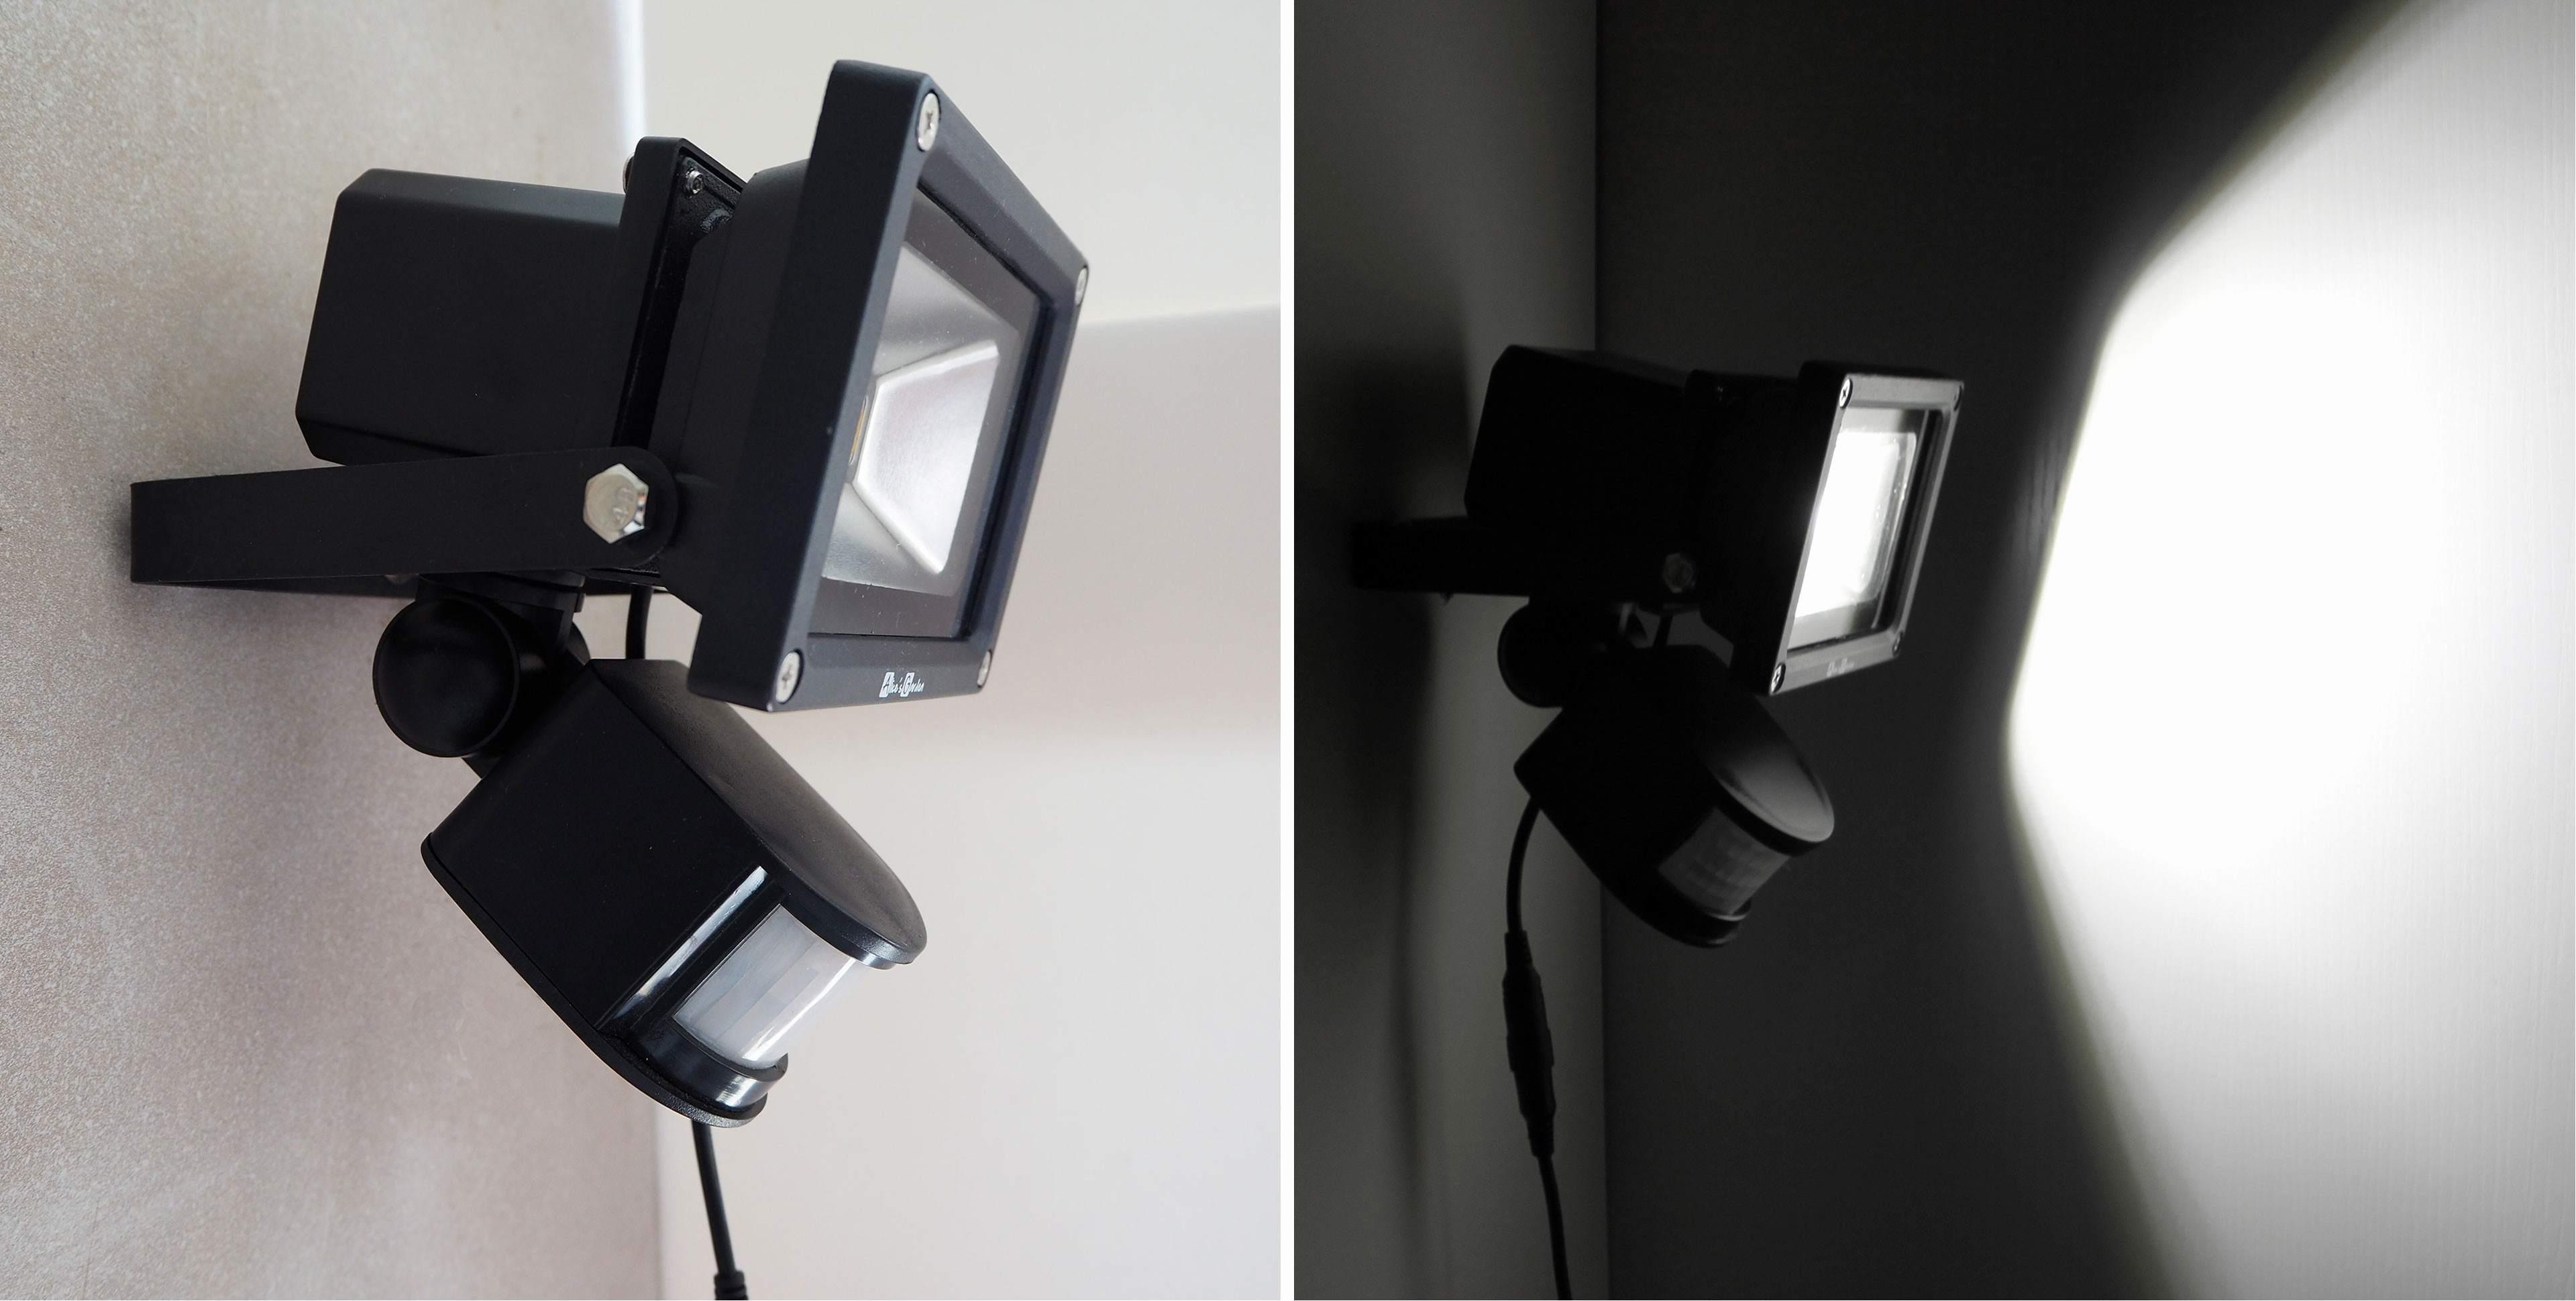 Lampe De Chevet solaire Impressionnant Collection Lampe De Jardin solaire Moderne Eclairage solaire De Jardin Aussi